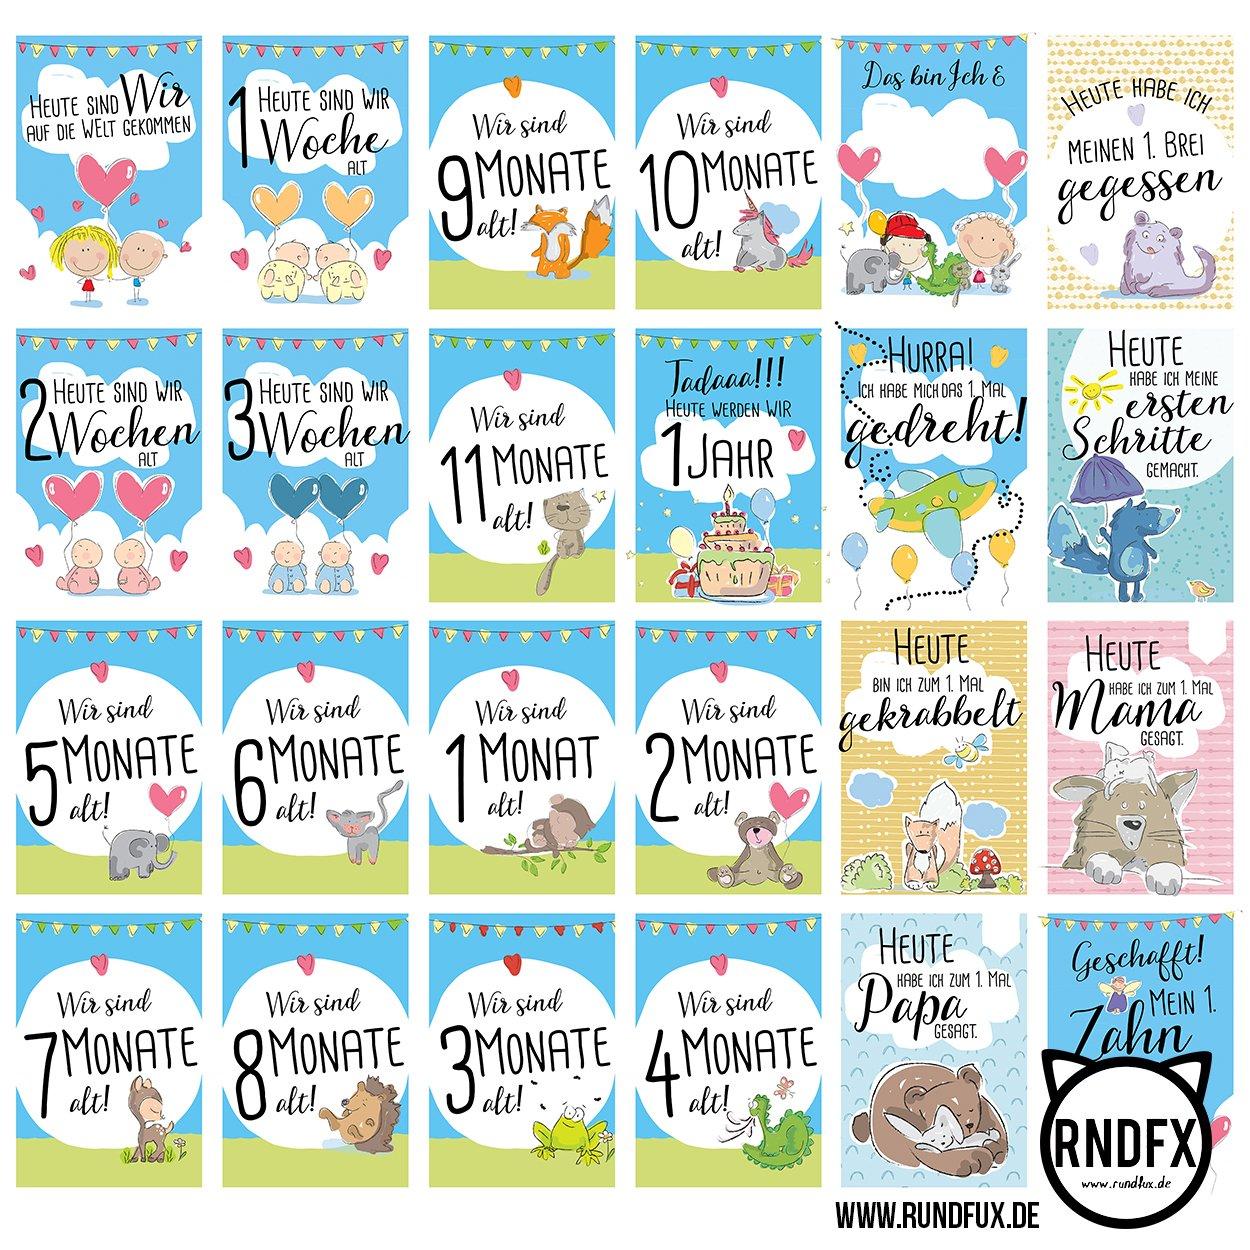 Hallo! Zwillinge - 31 Meilensteinkarten von der Geburt bis zum ersten Lebensjahr - Ein tolles Geschenk zur Schwangerschaft für die Familie - Baby Milestone Cards Zwillinge (Jungen & Mädchen) - Deutsch Rundfux Media